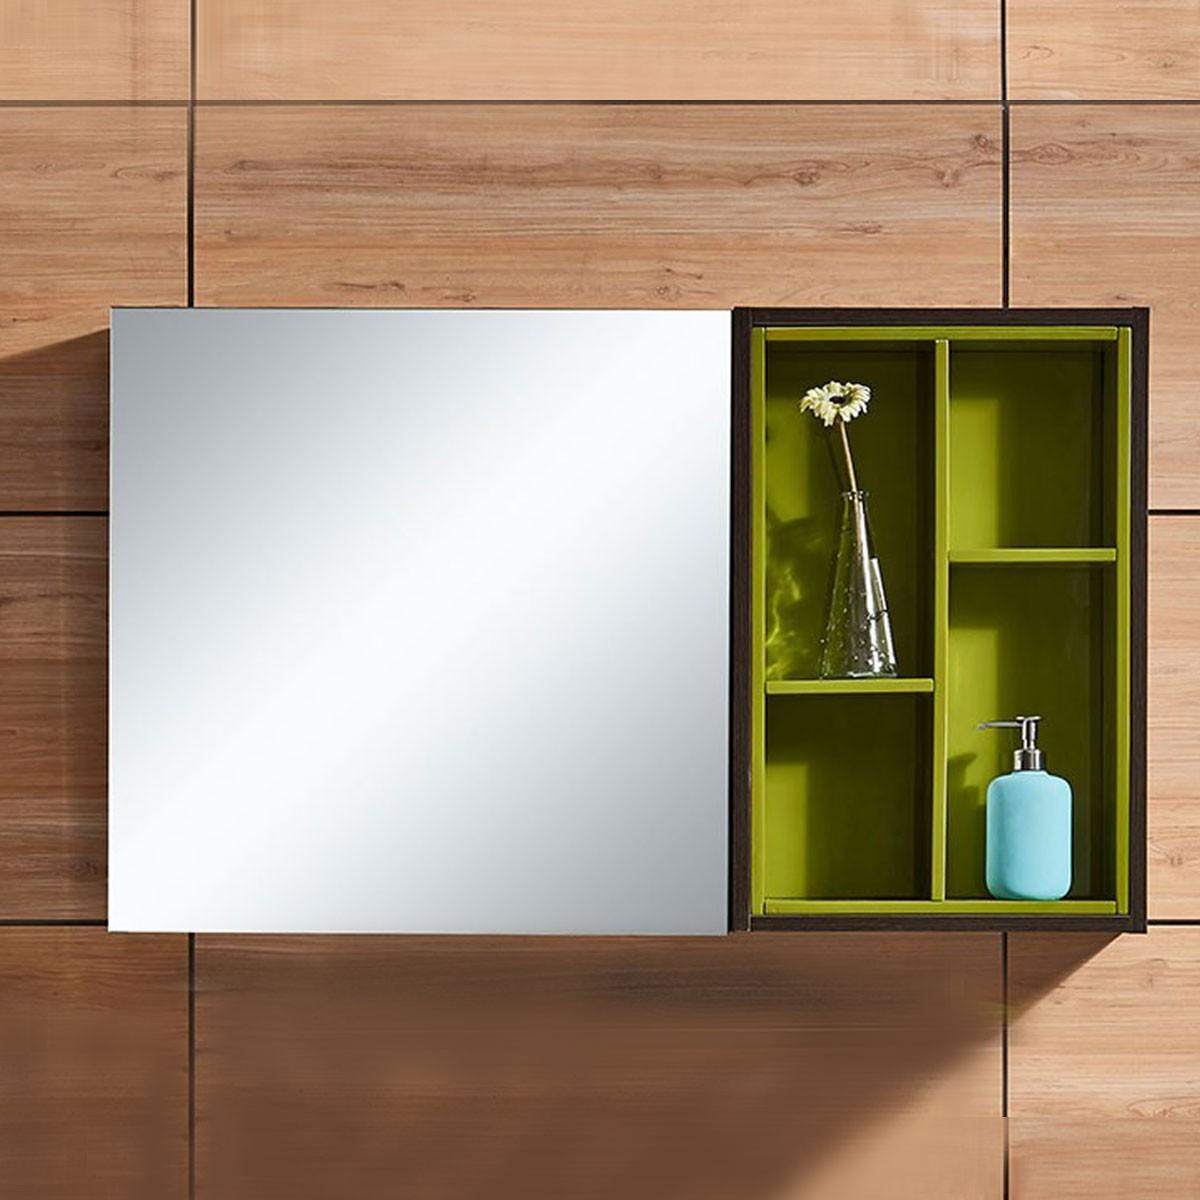 24 x 40 po Miroir pour Meuble Salle de Bain (DK-660100-M)